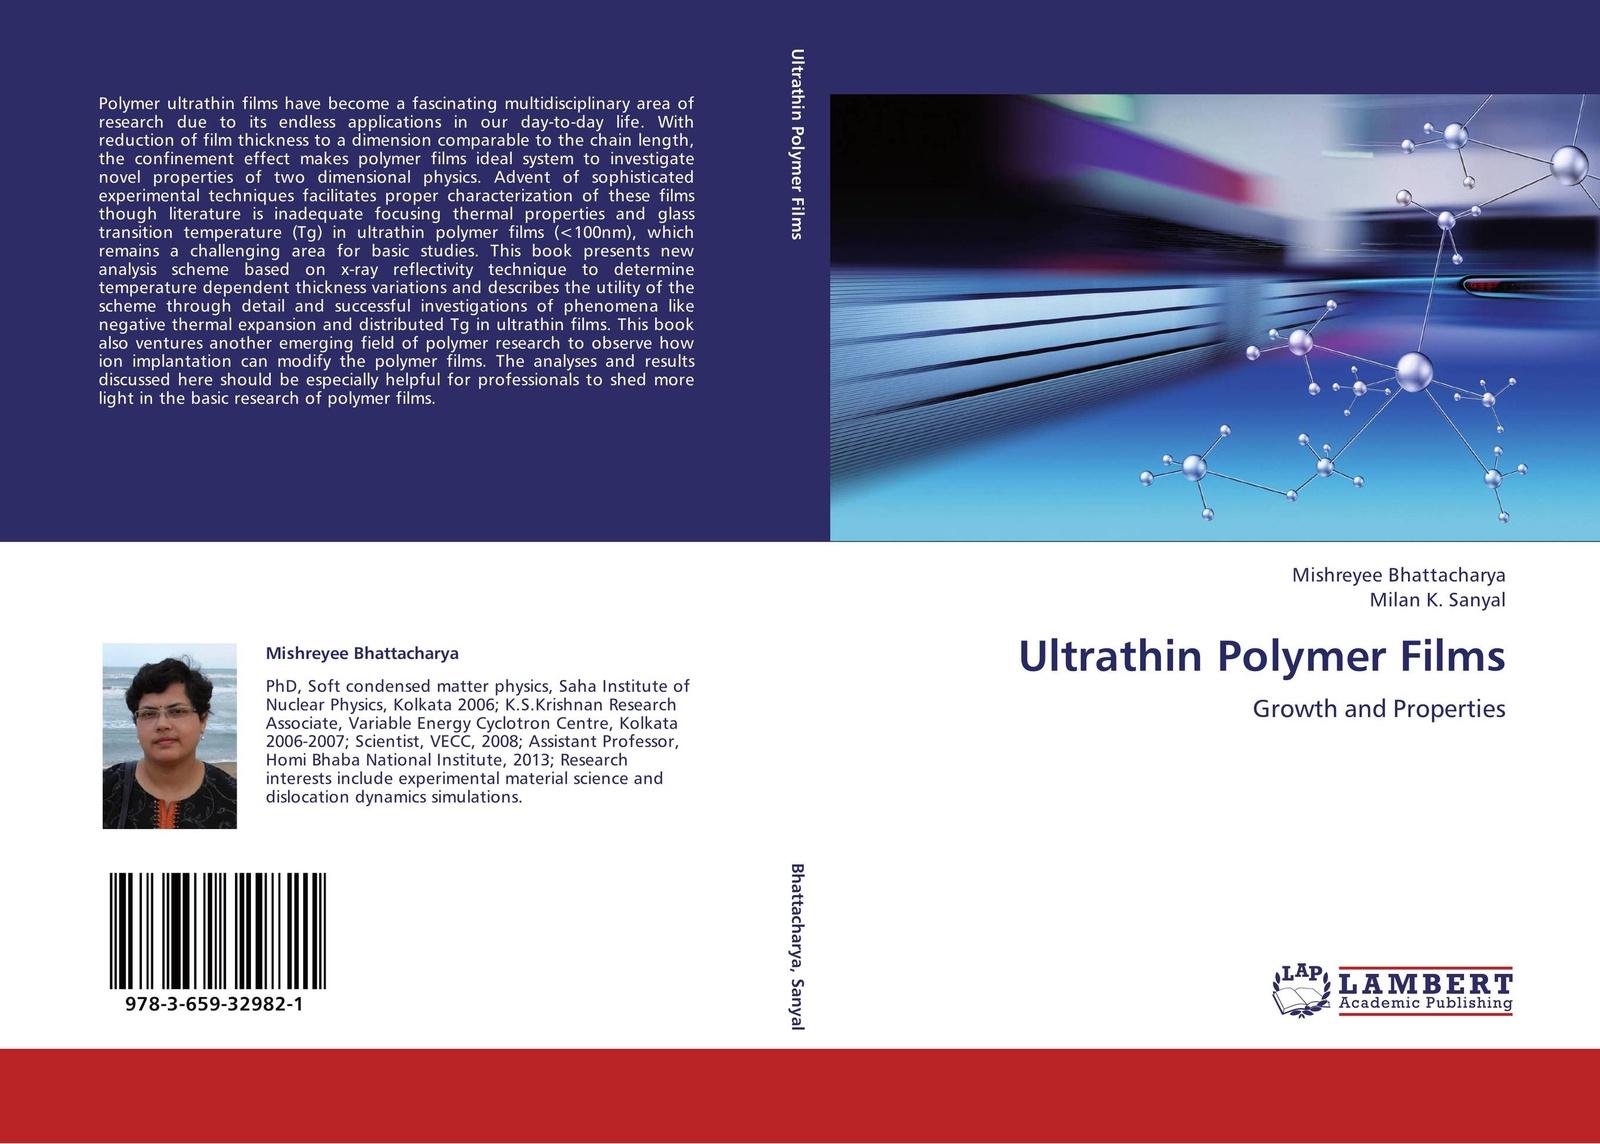 лучшая цена Mishreyee Bhattacharya and Milan K. Sanyal Ultrathin Polymer Films